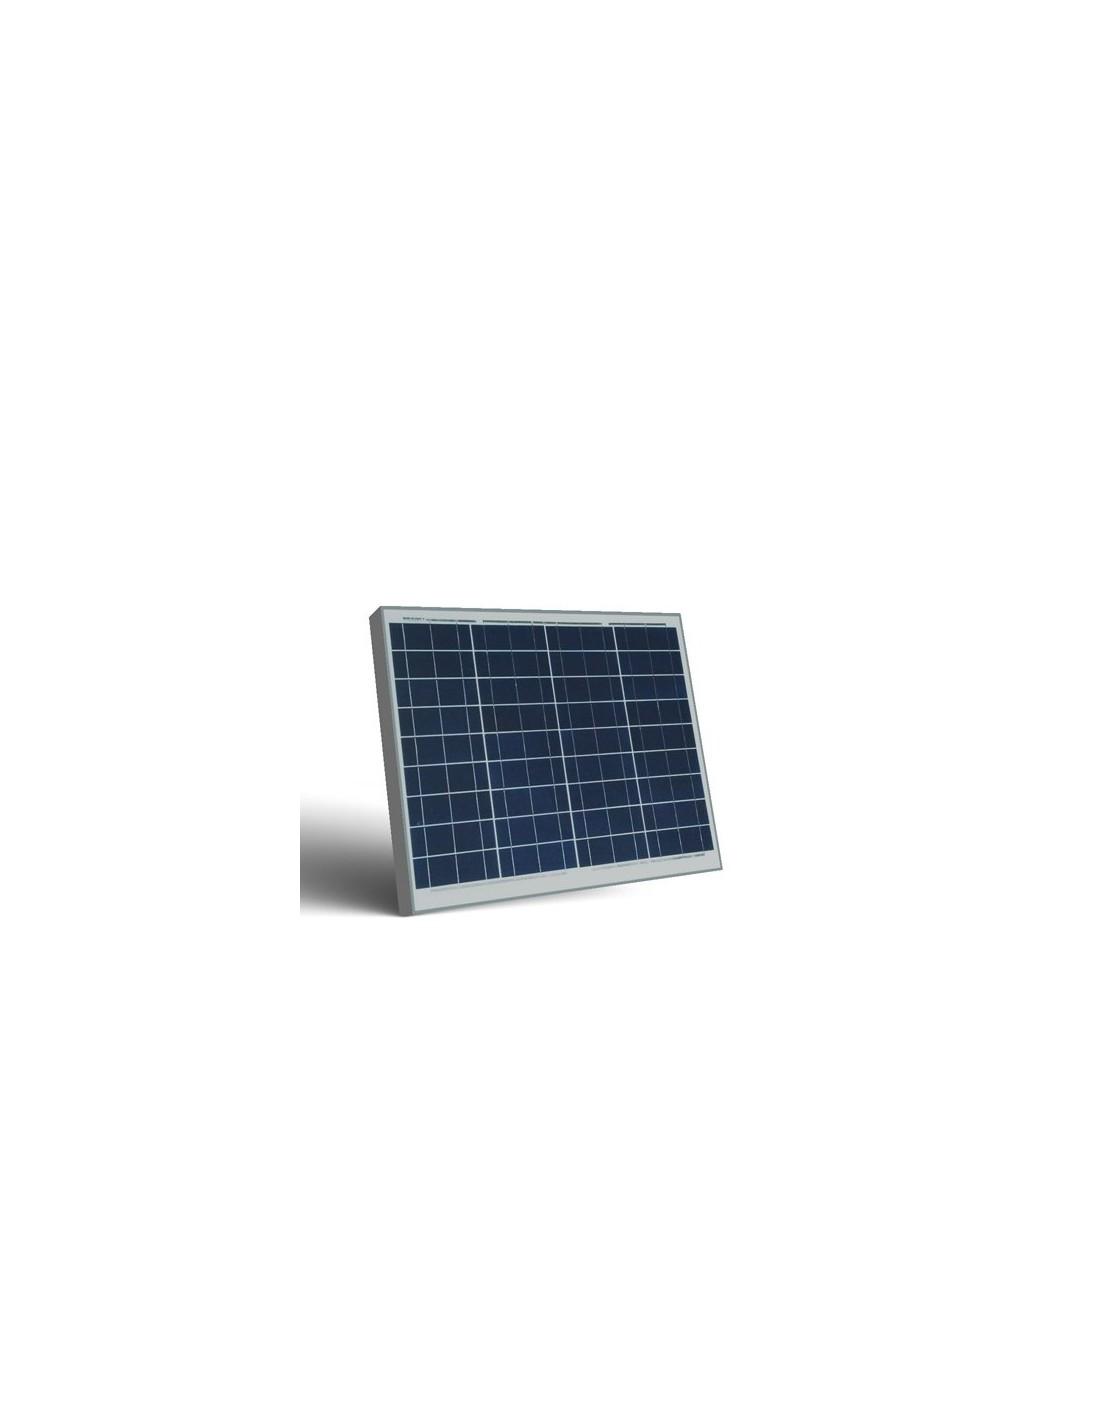 Pannello Solare Per Baita : Pannello fotovoltaico w v policristallino camper barca